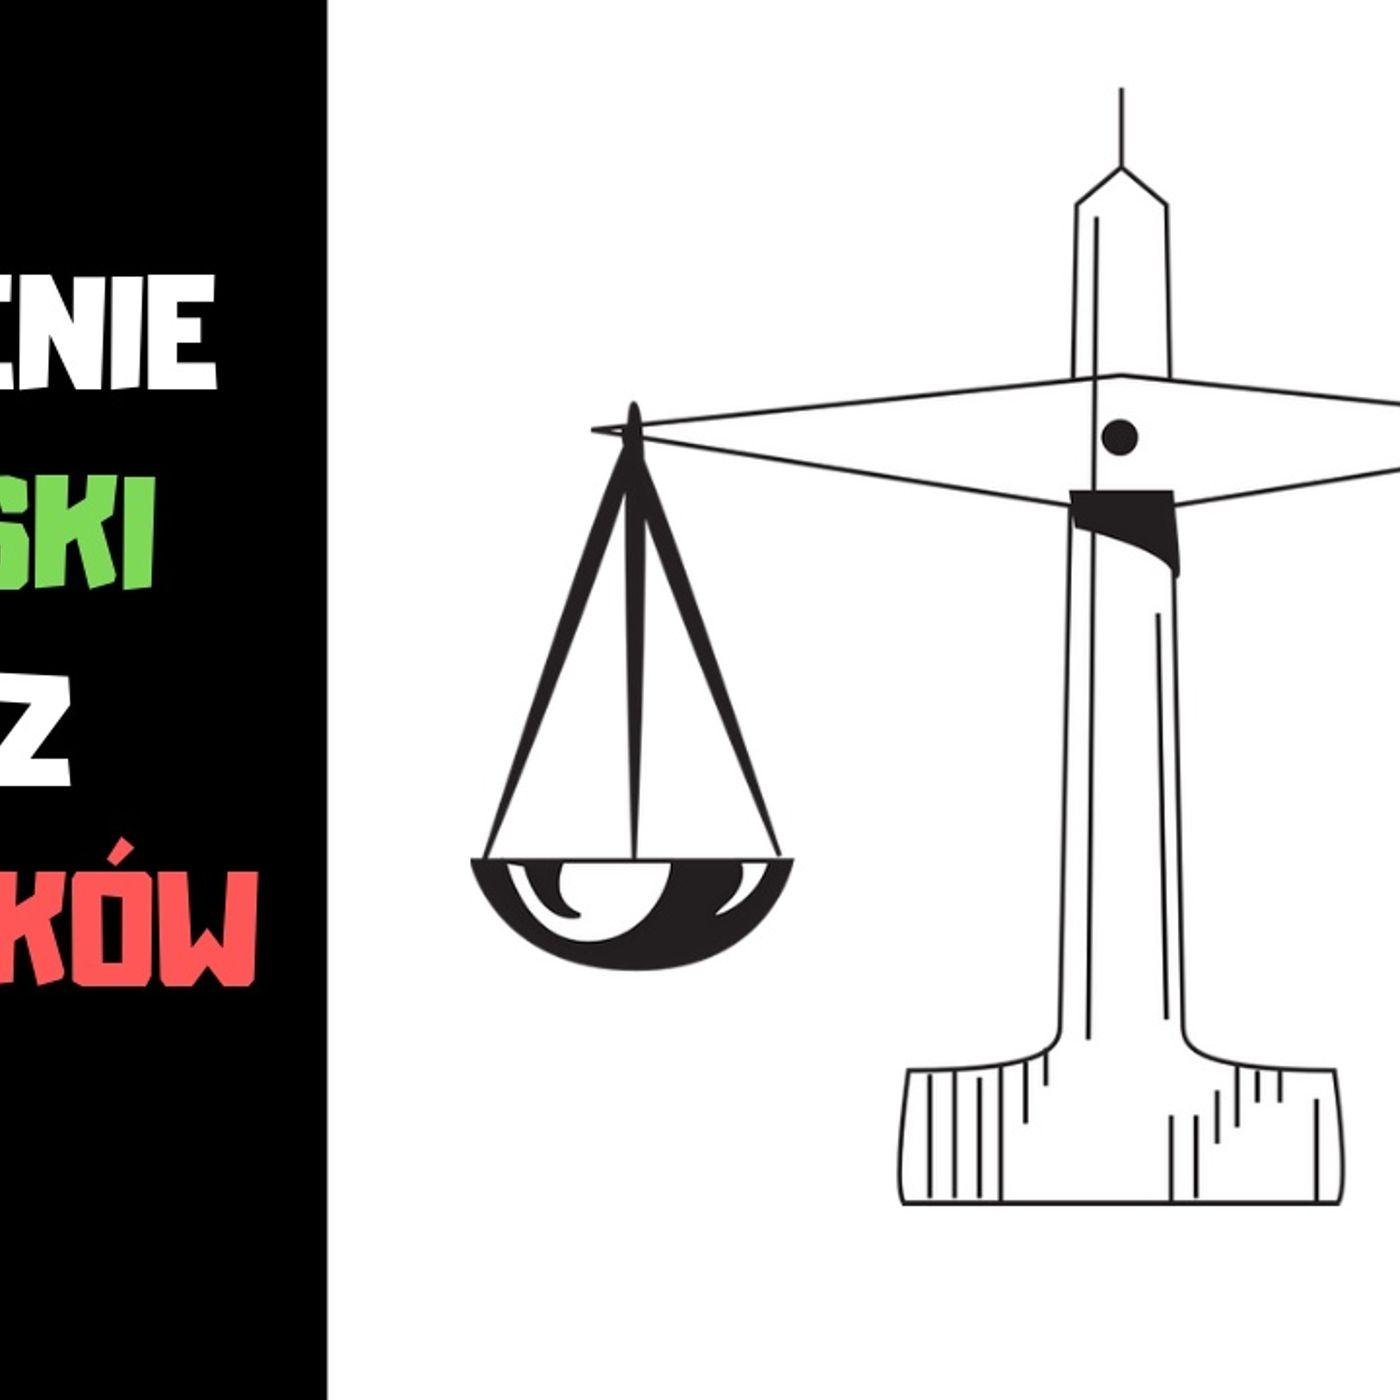 KK13 Zbawienie z Łaski czy Uczynków (podcast)